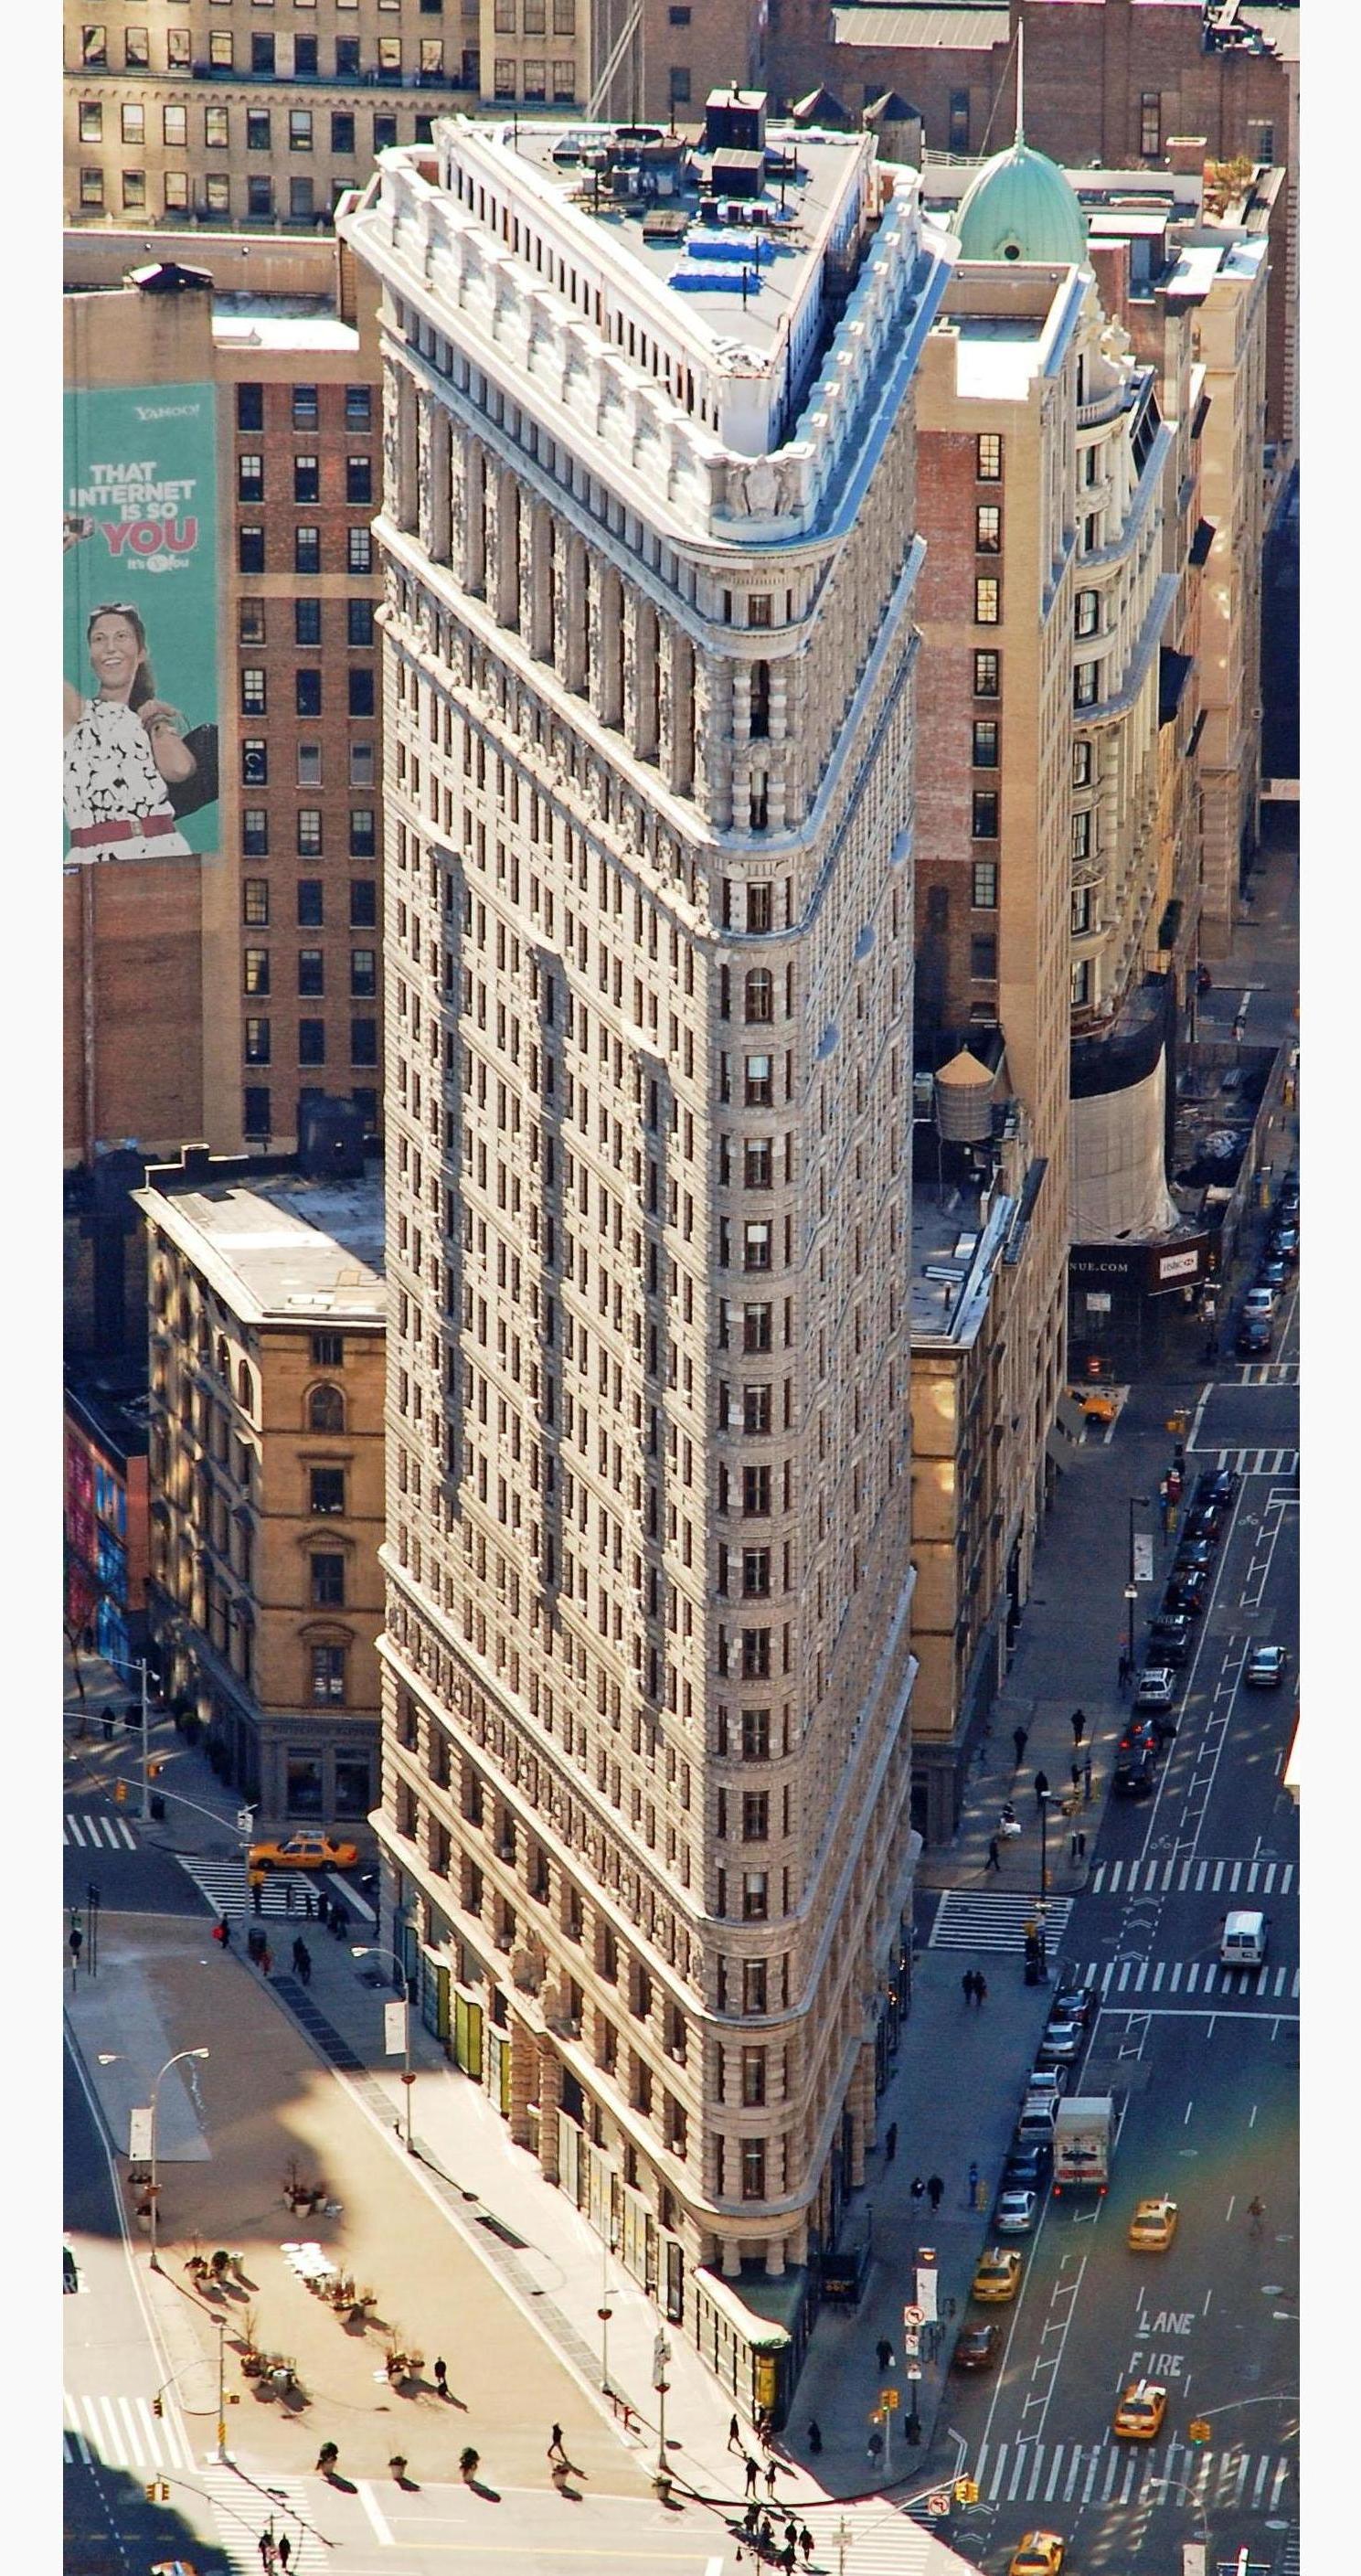 Edificio_Fuller_(Flatiron)_en_2010_desde_el_Empire_State_crop_boxin